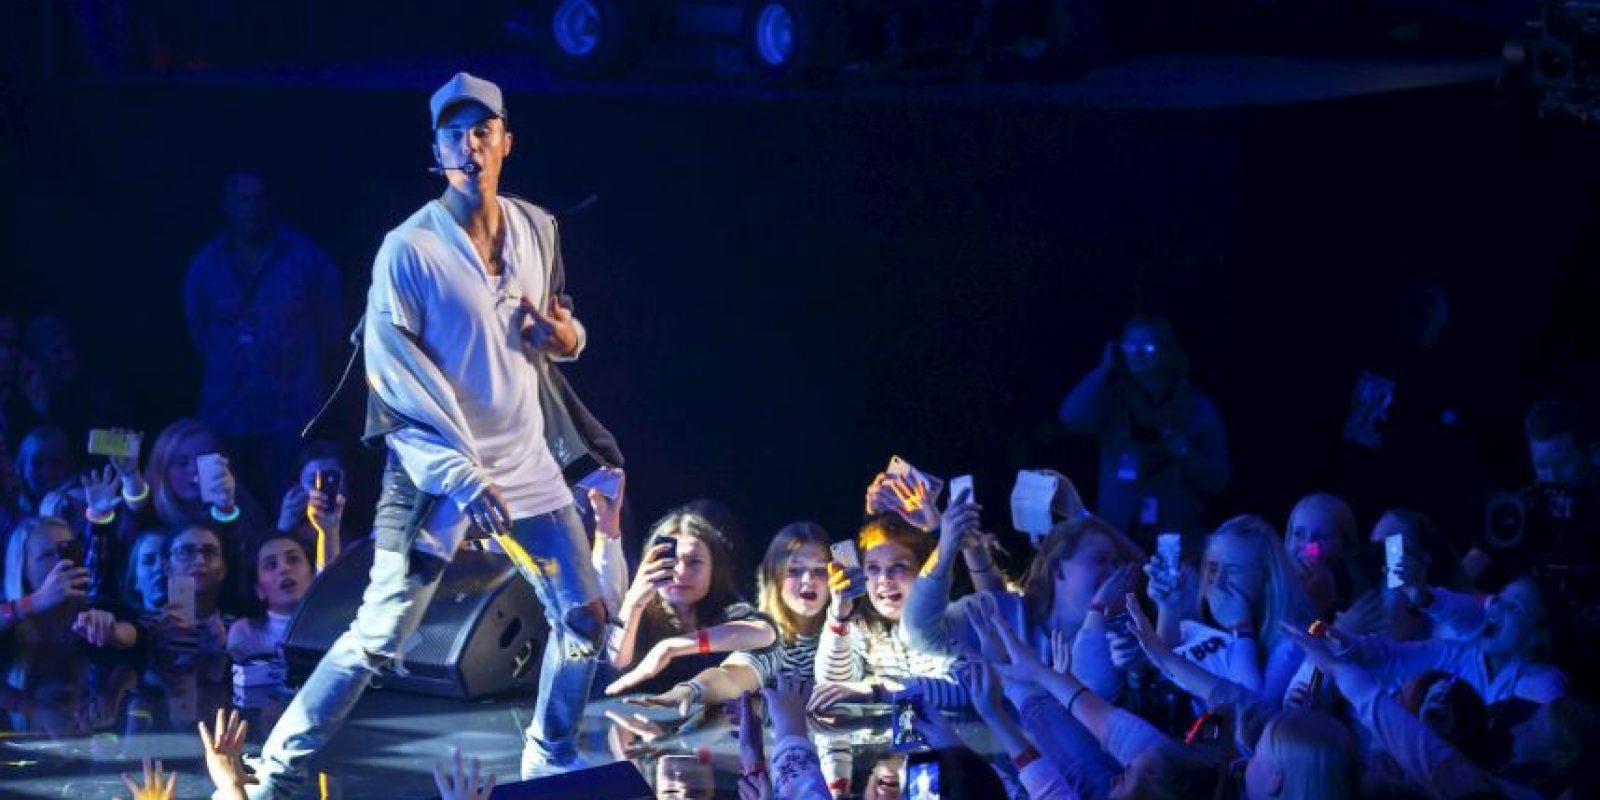 """Bieber se enoja cuando las desesperadas """"beliebers"""" no se lo permiten y les grita: """"Qué hacen? ¡Paren! ¡He dicho que paren! ¿Chicas, me están escuchando? Estoy intentando limpiar el suelo"""" Foto:AFP"""